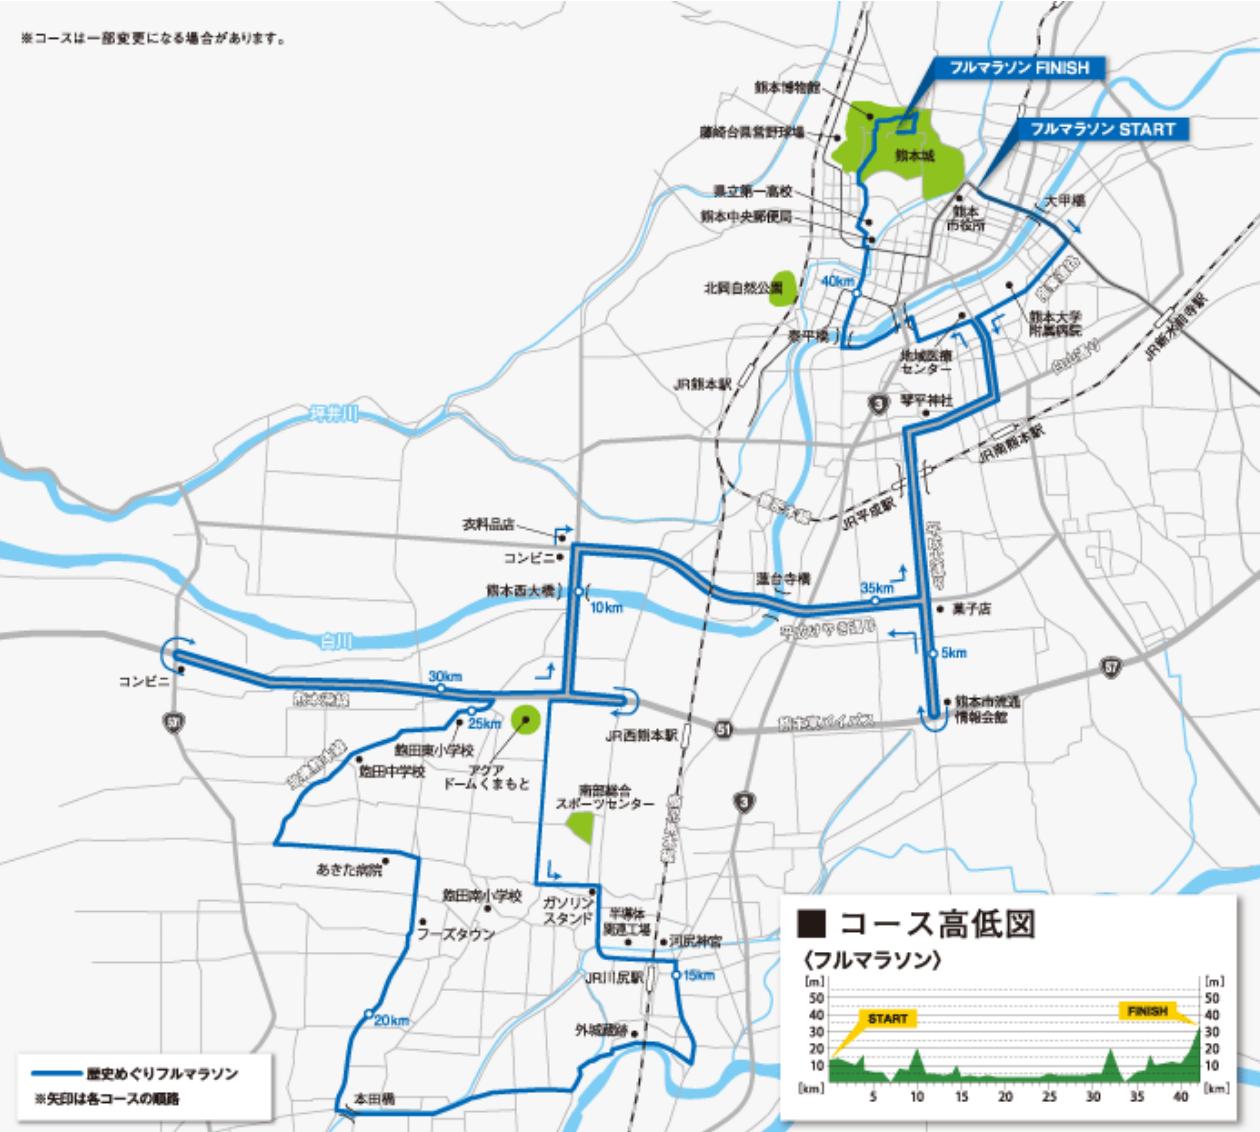 熊本城マラソン2018,日程,エントリー,申込開始日,コース,制限時間